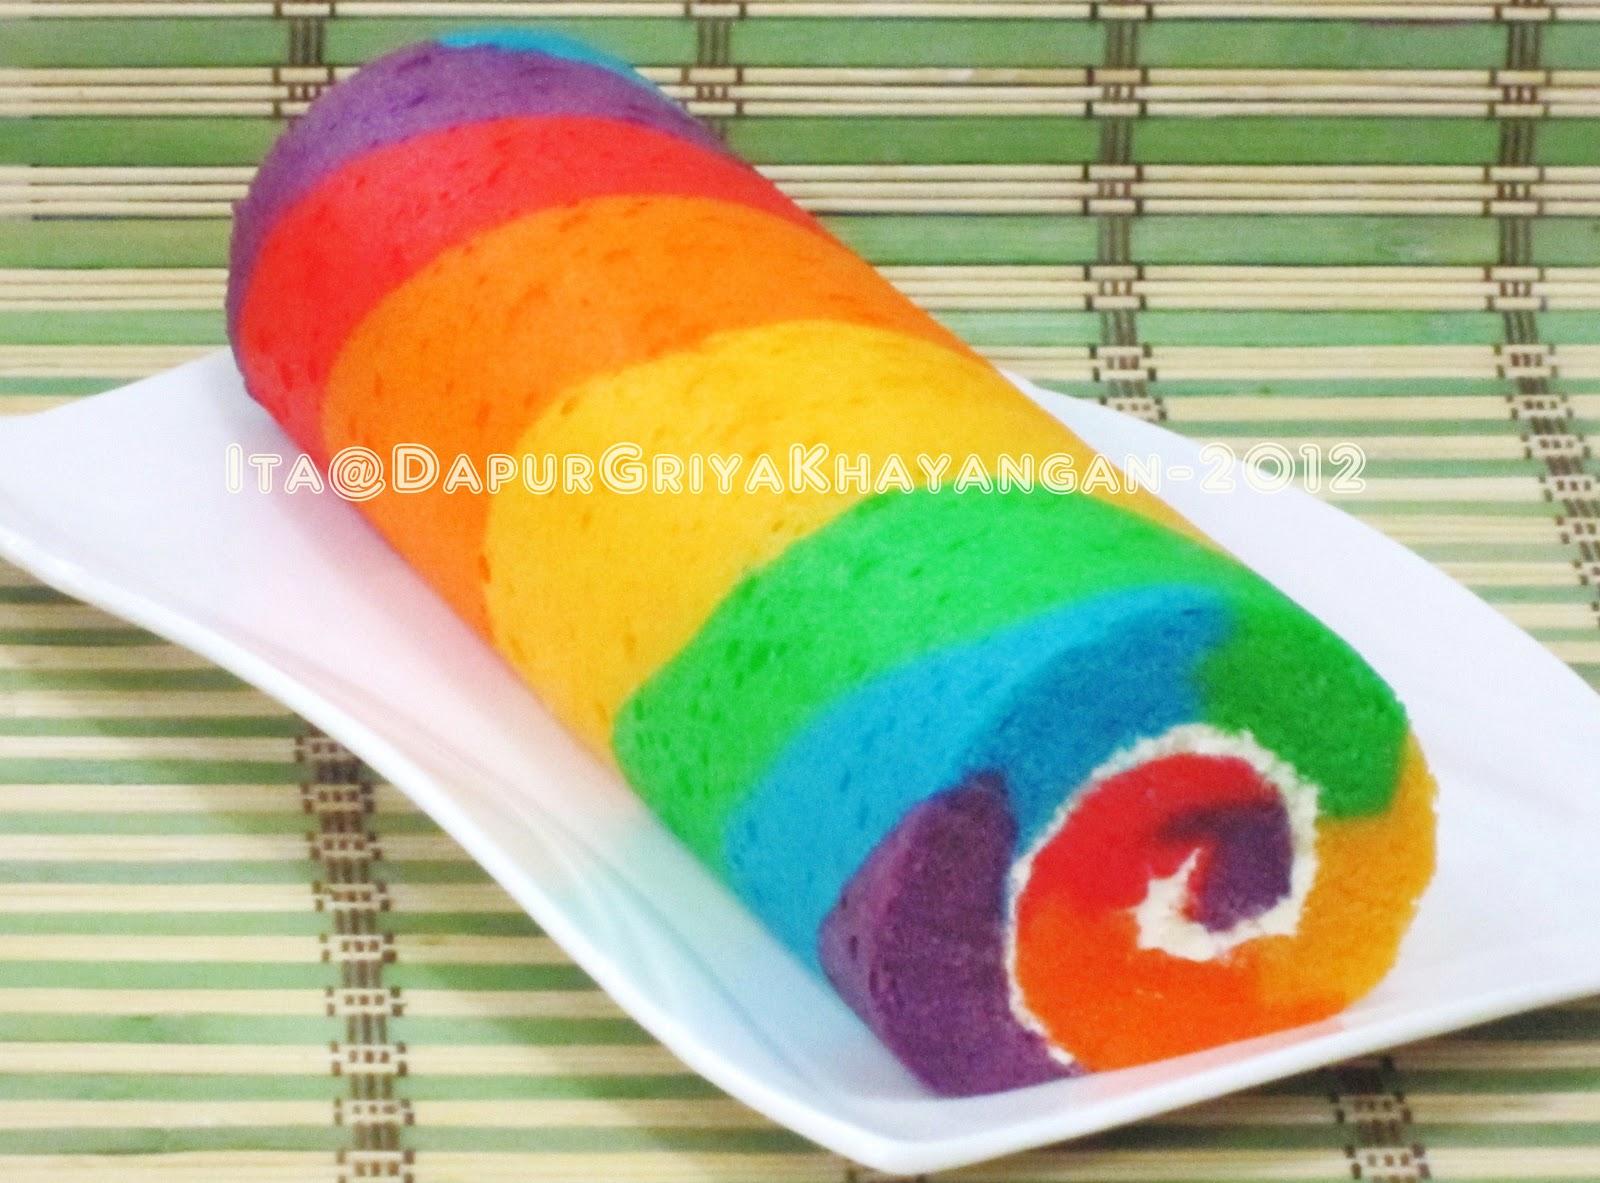 Resep Rainbow Cake Kukus Istimewa: Dapur Griya Khayangan: Bolu Gulung Kukus Rainbow